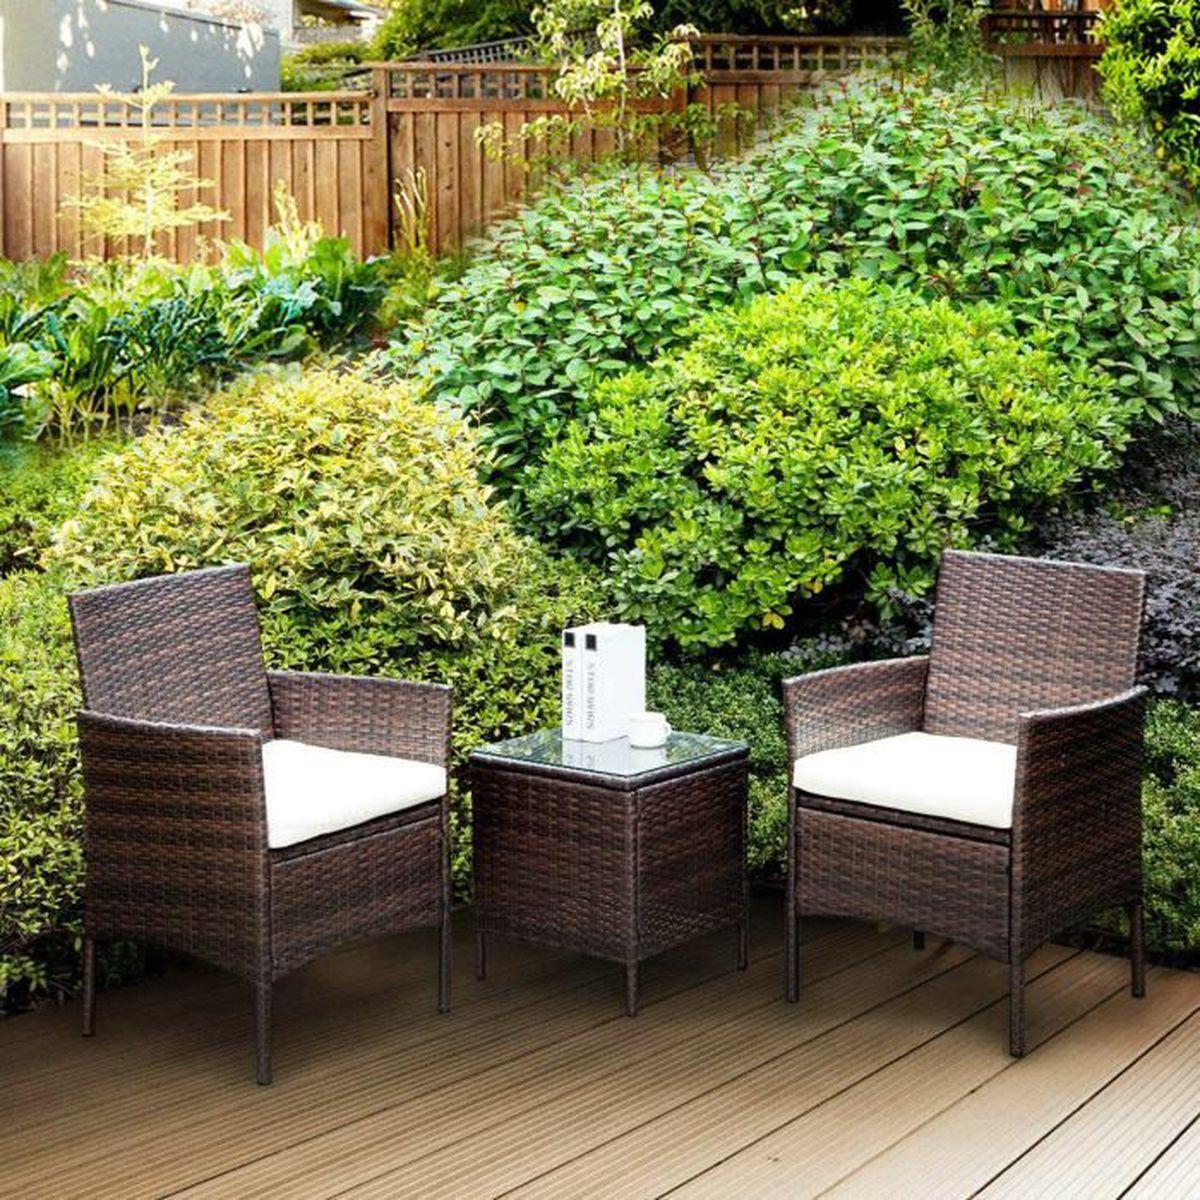 Salon de jardin 3 piece